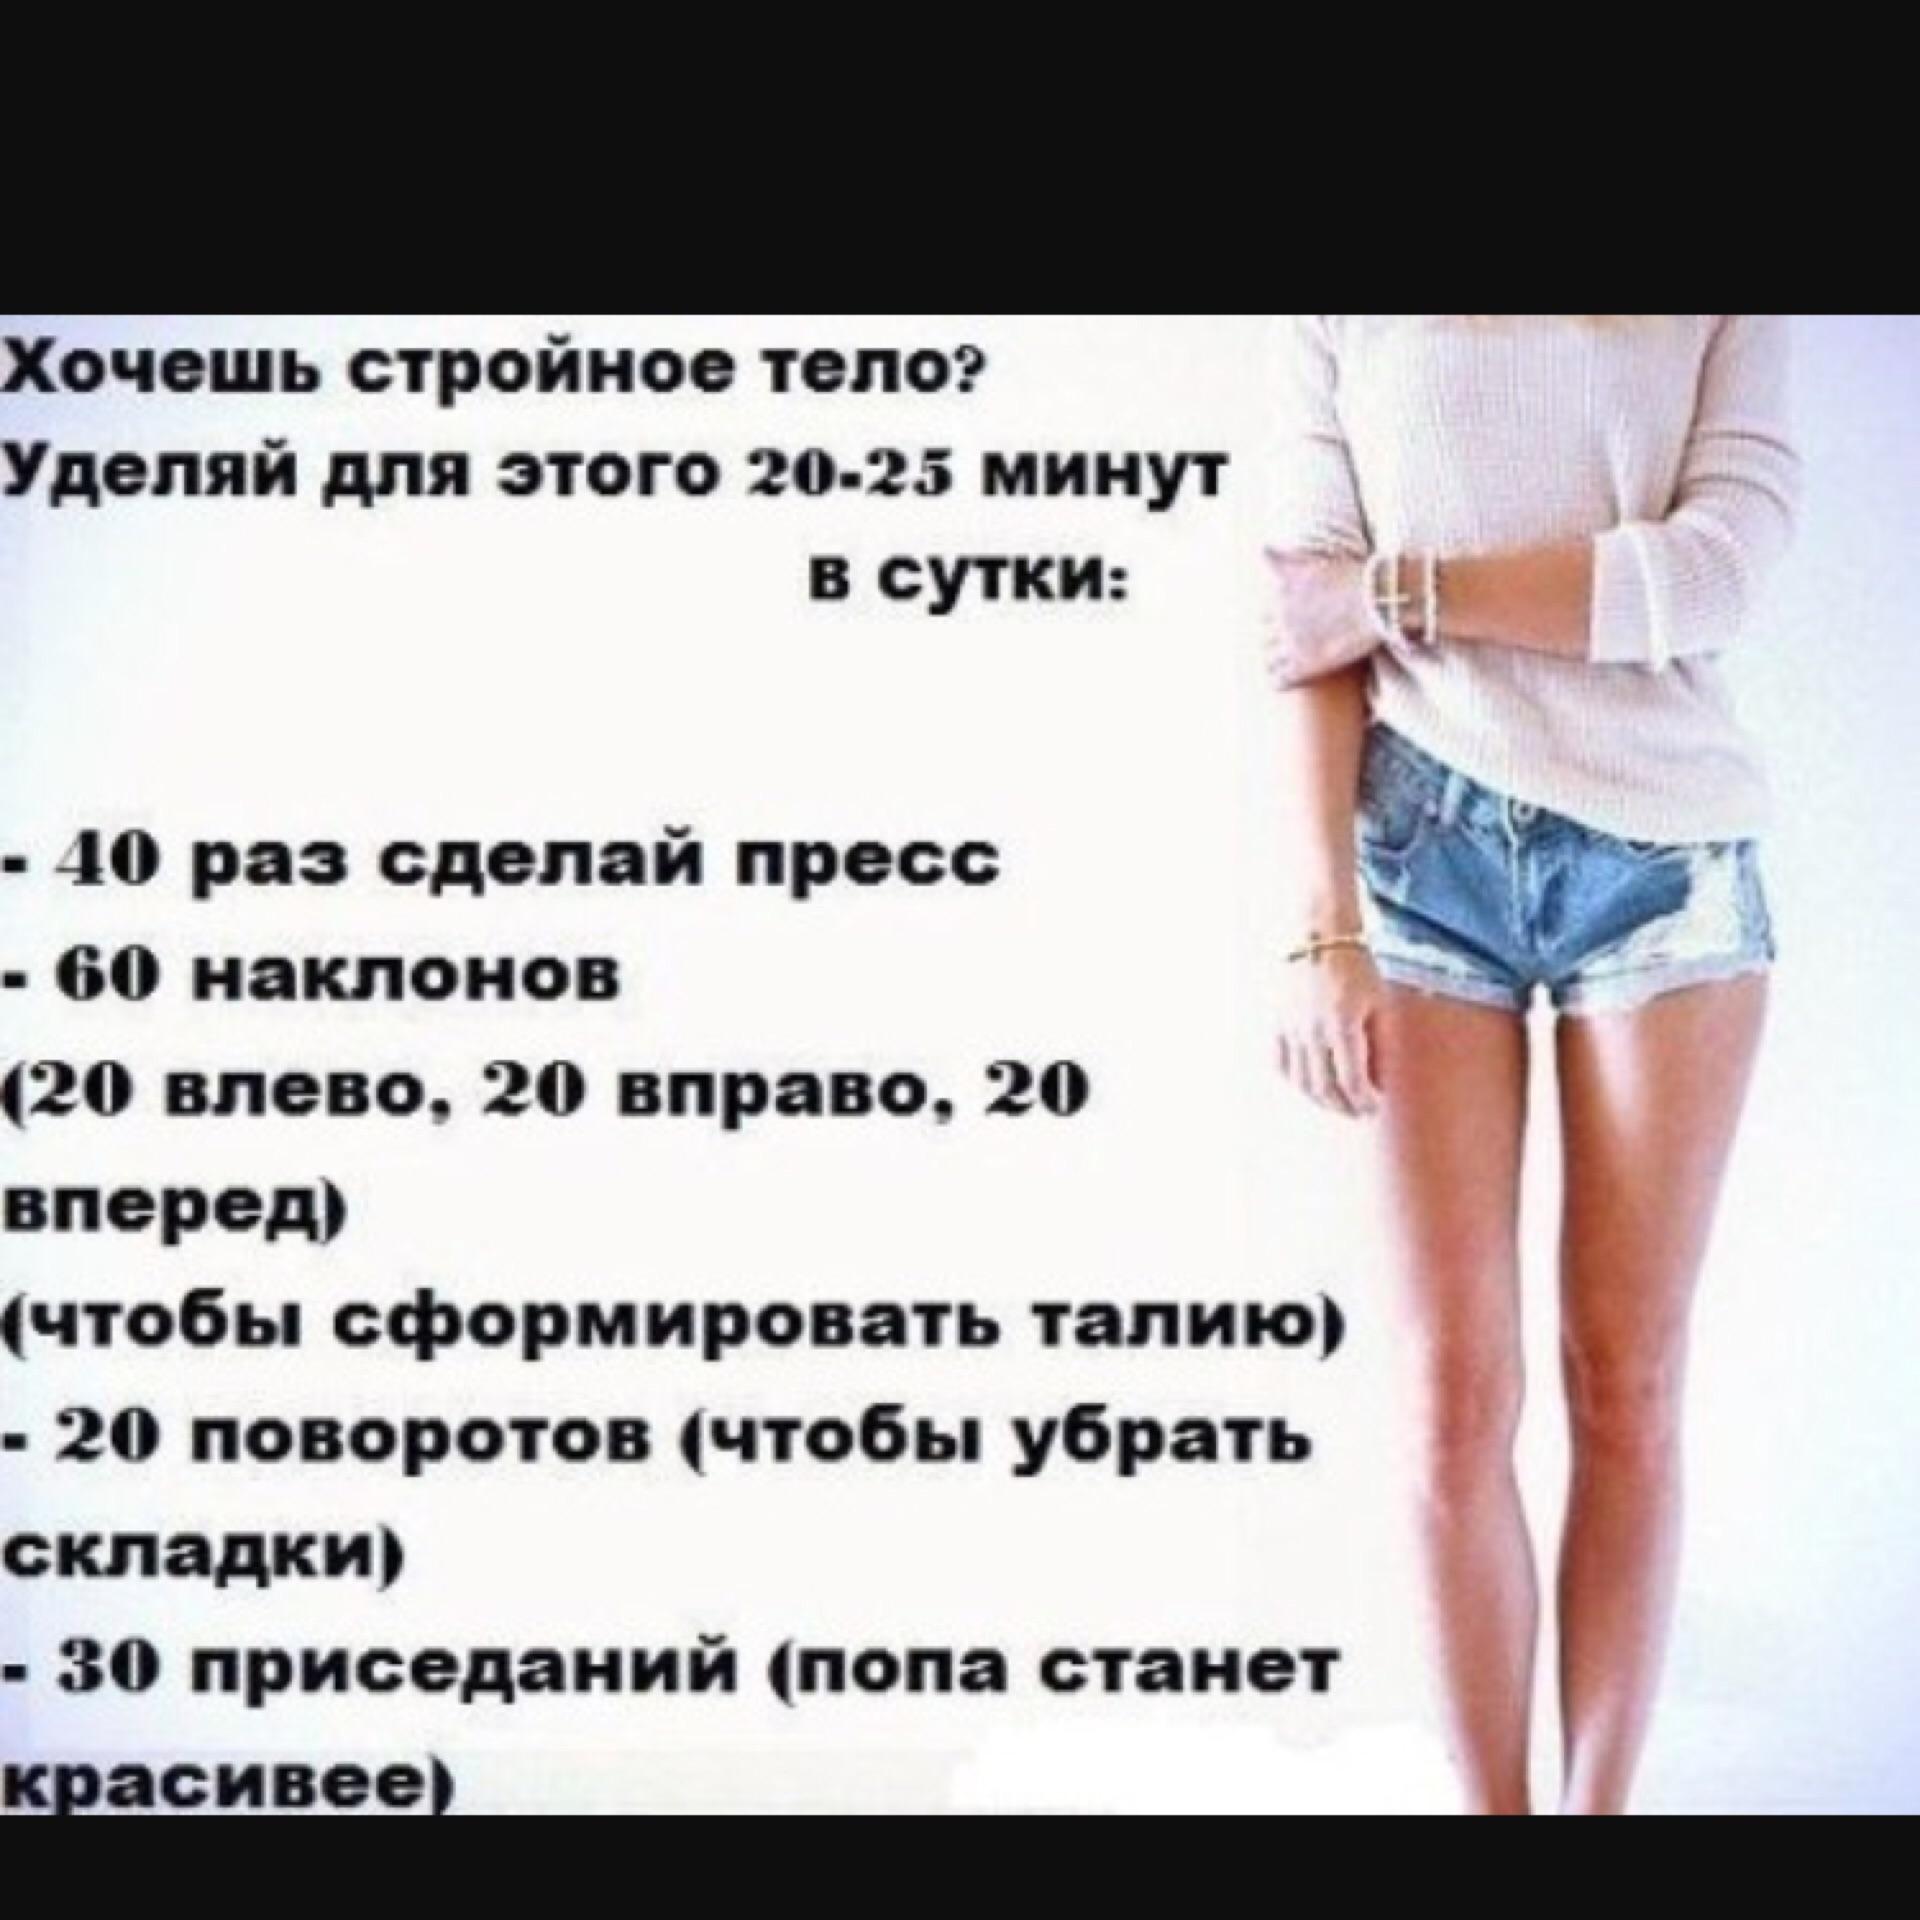 Диеты и похудение, как быстро 5